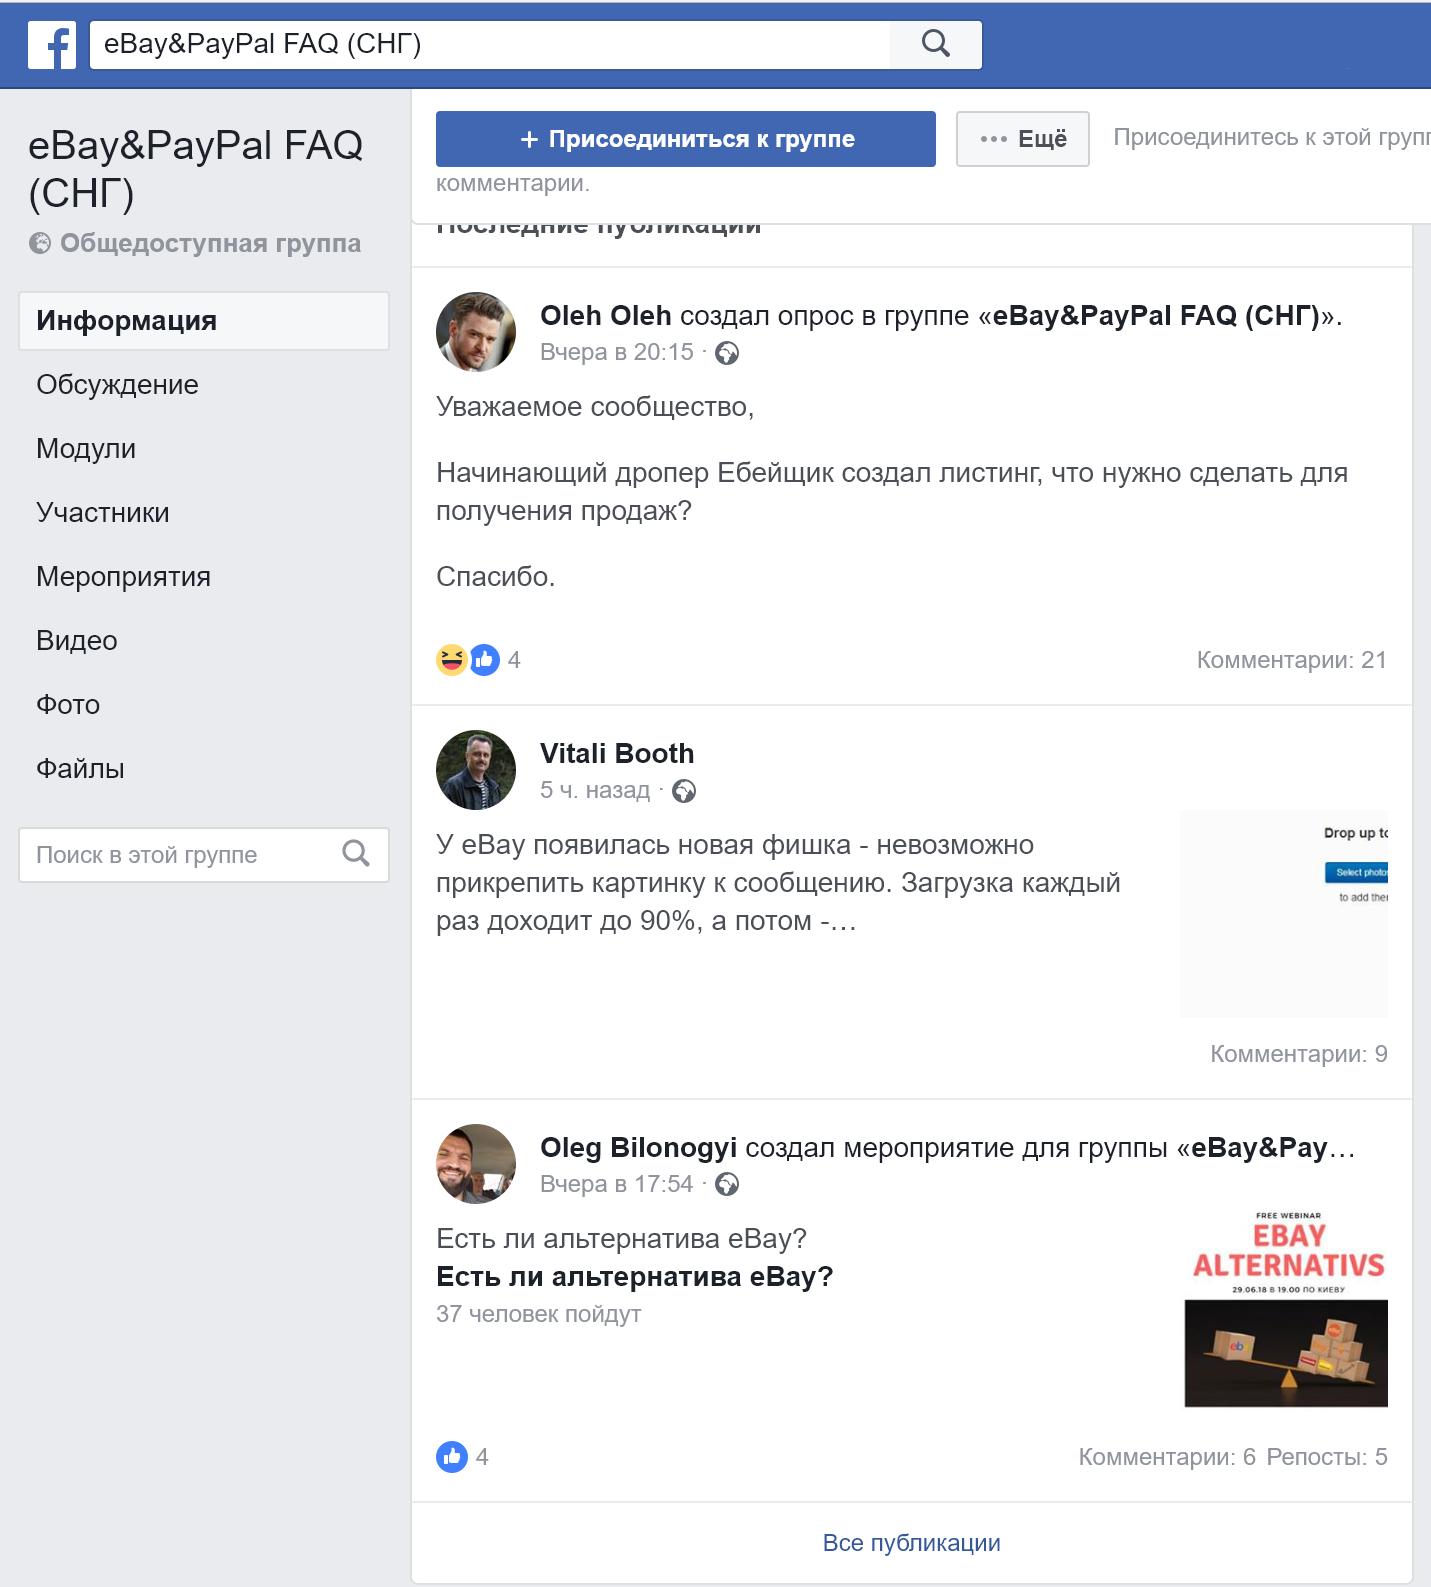 Сообщество в Facebook Олега